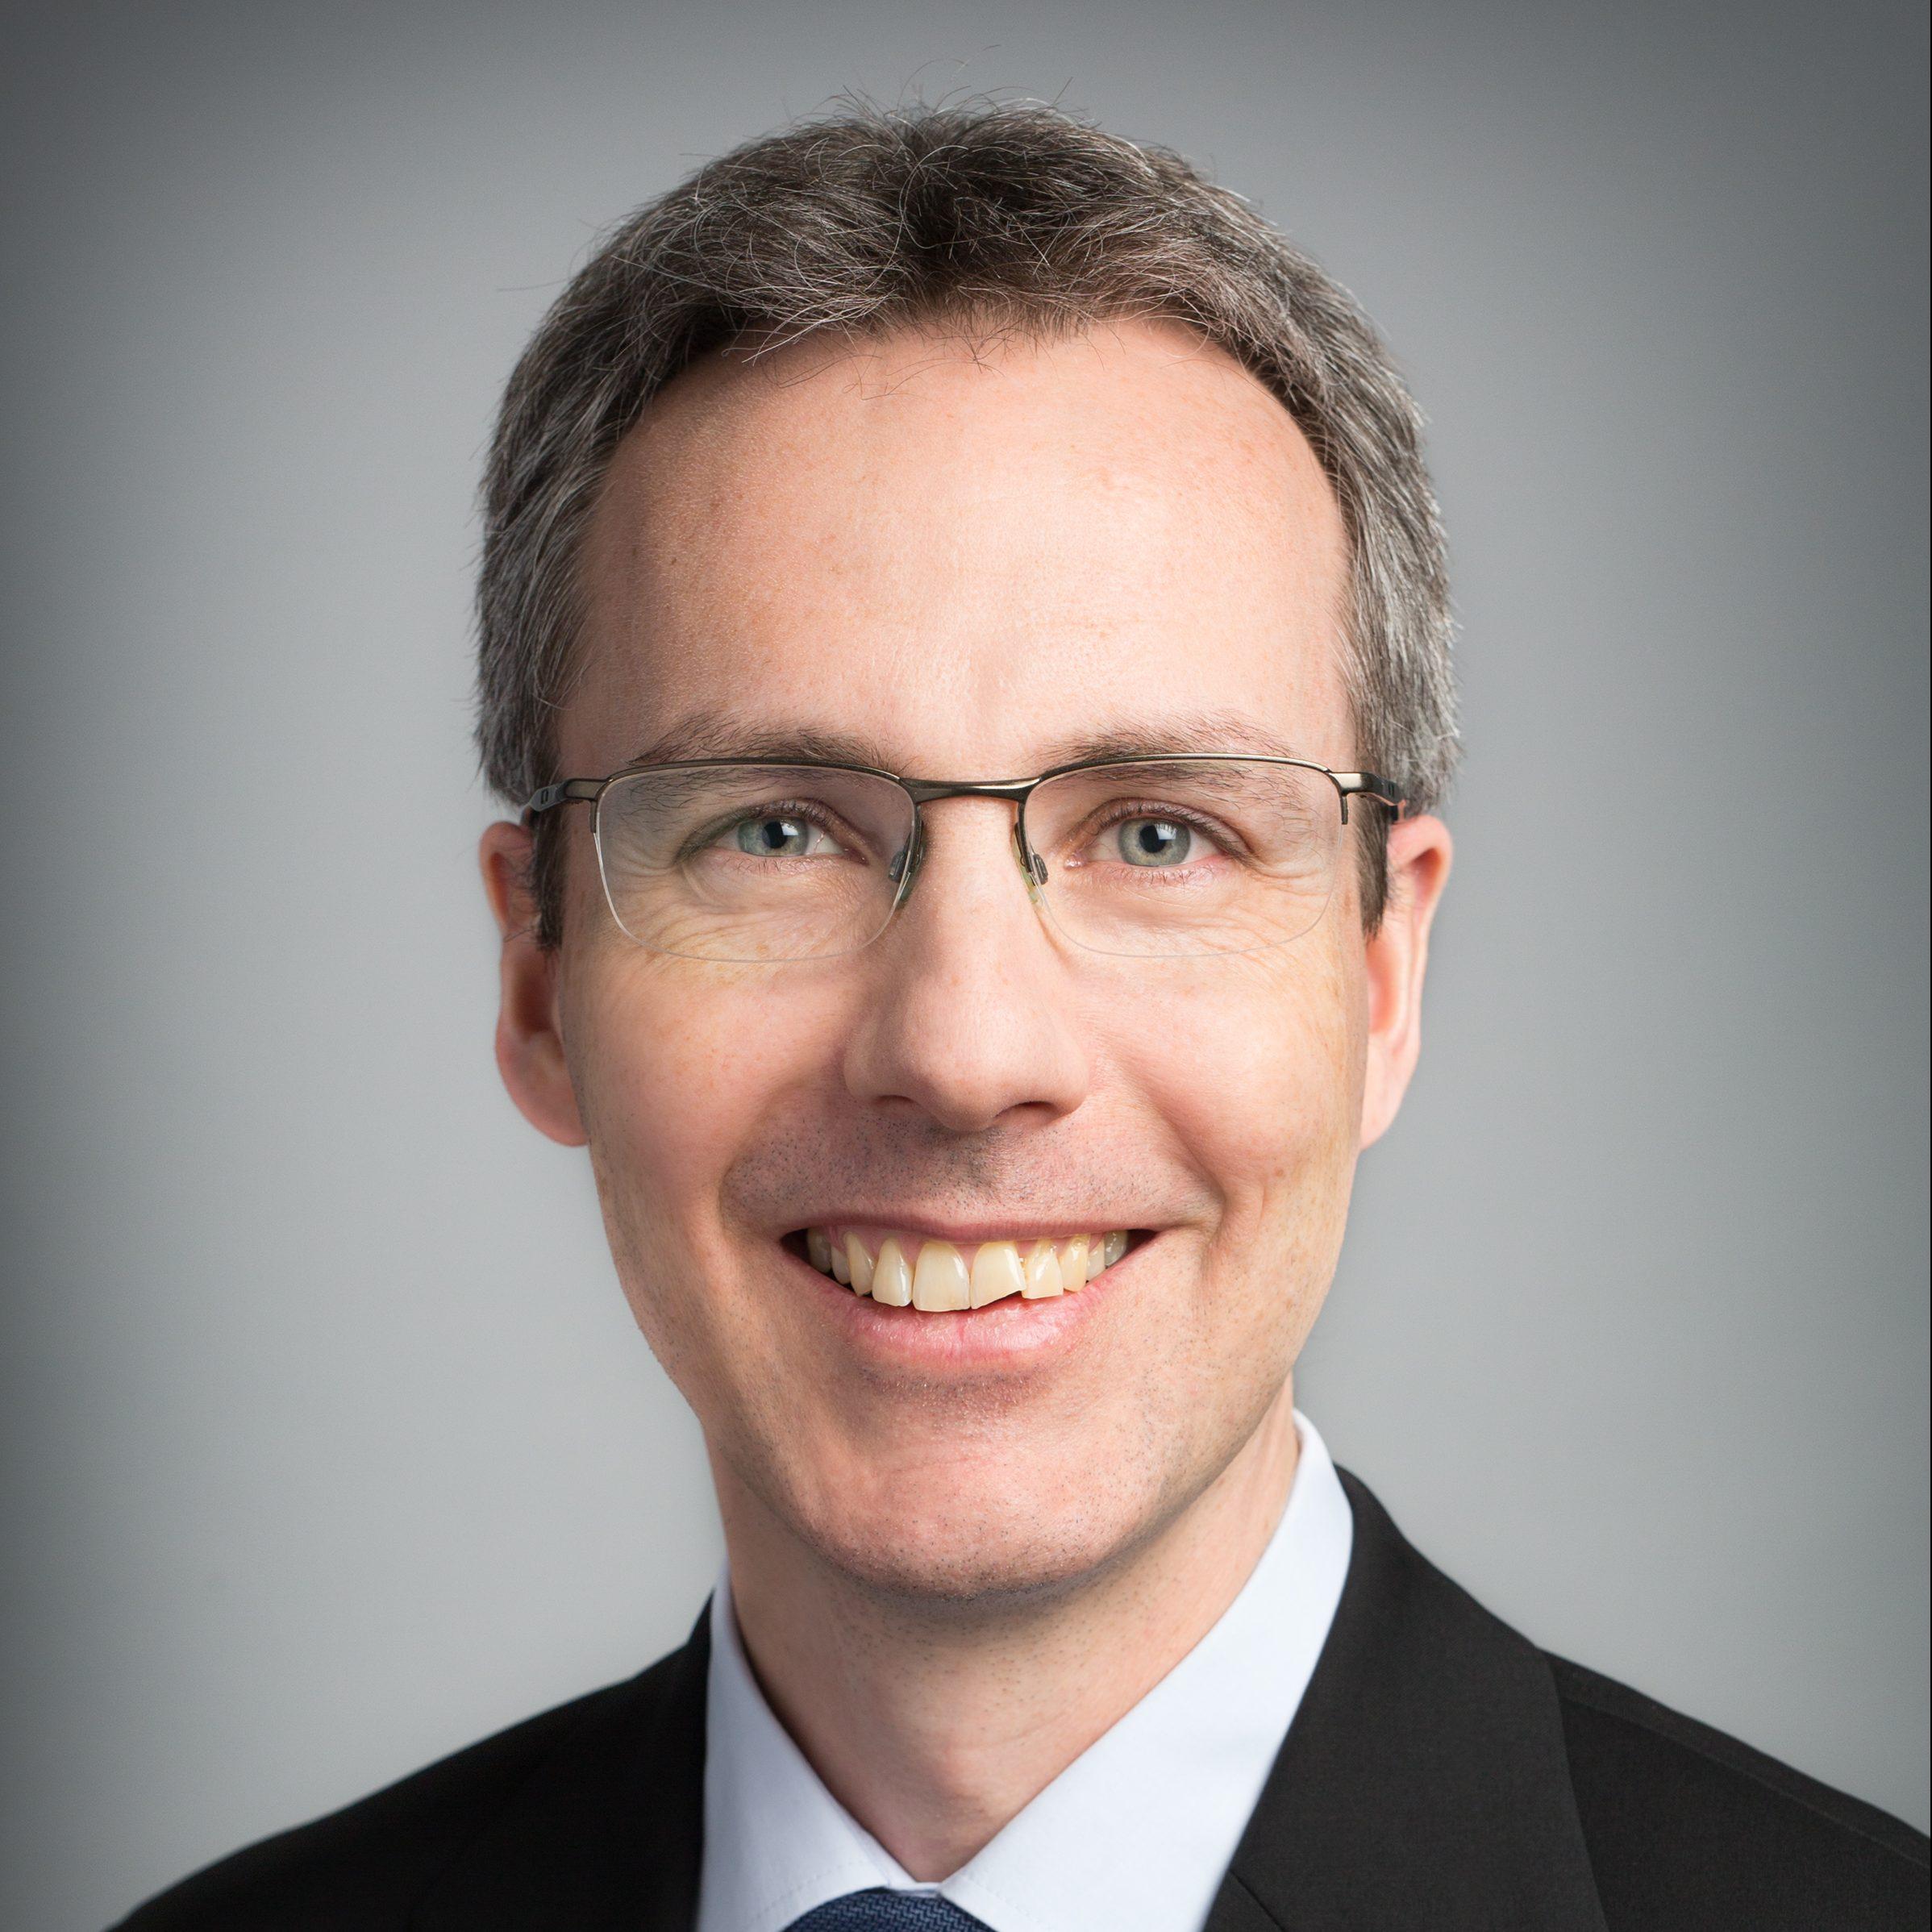 Ted Packmohr